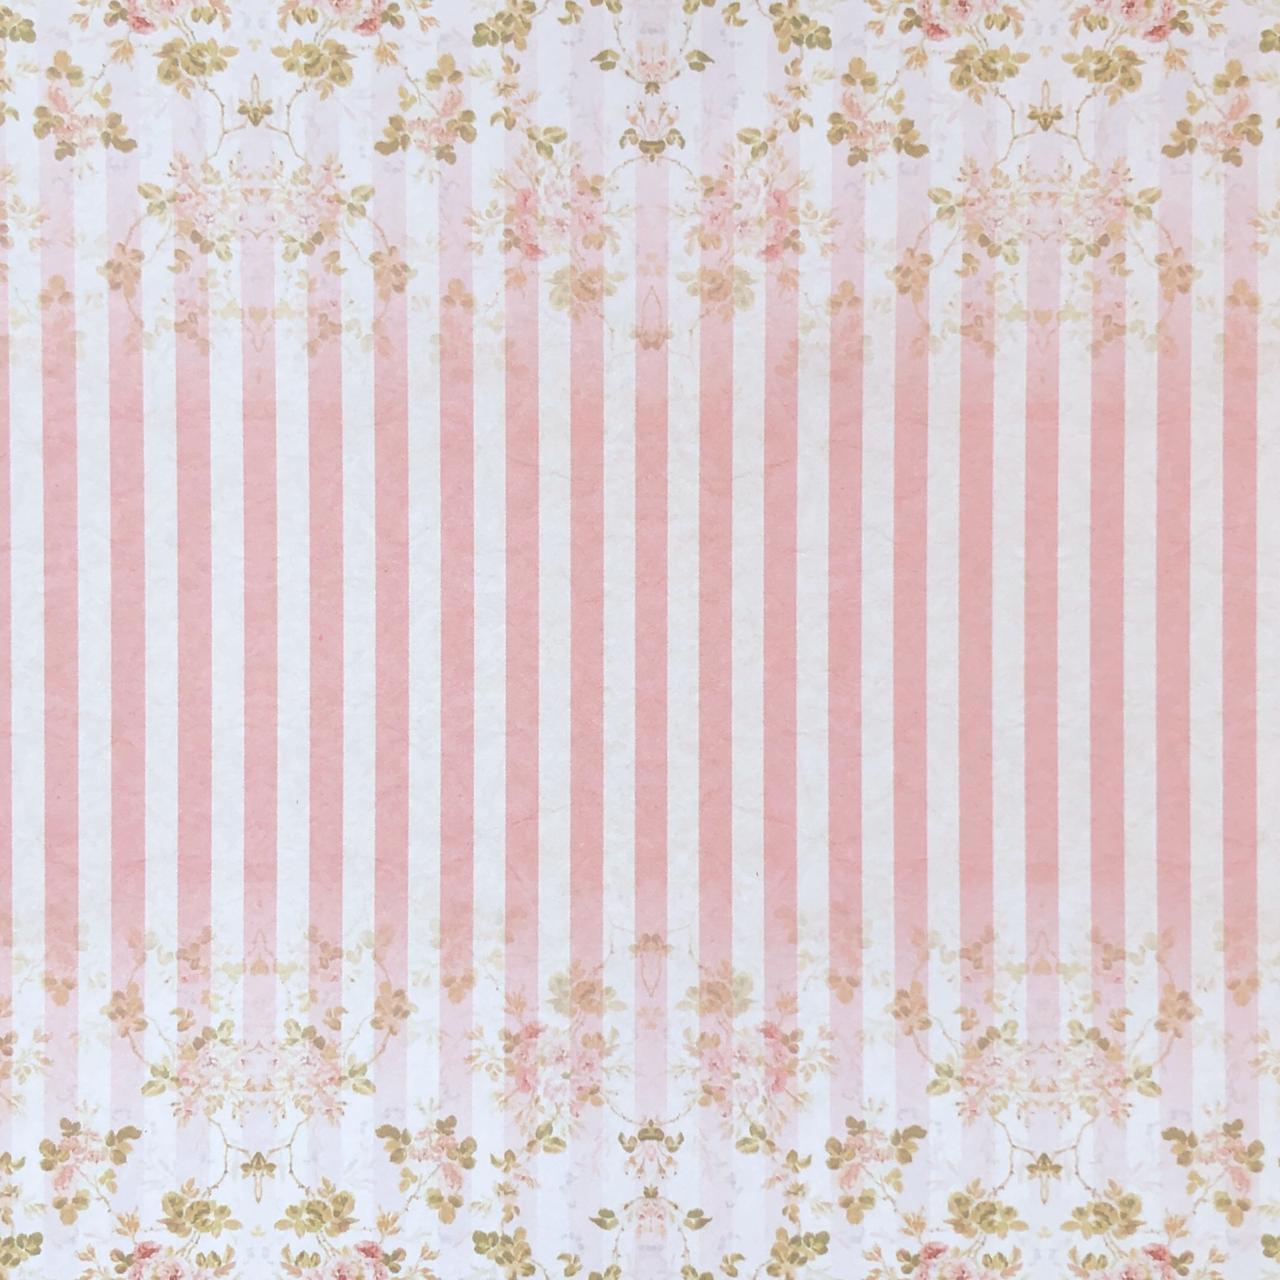 Bloco de Papéis Coordenados 20 x 20 cm - Rosa - Arte Fácil